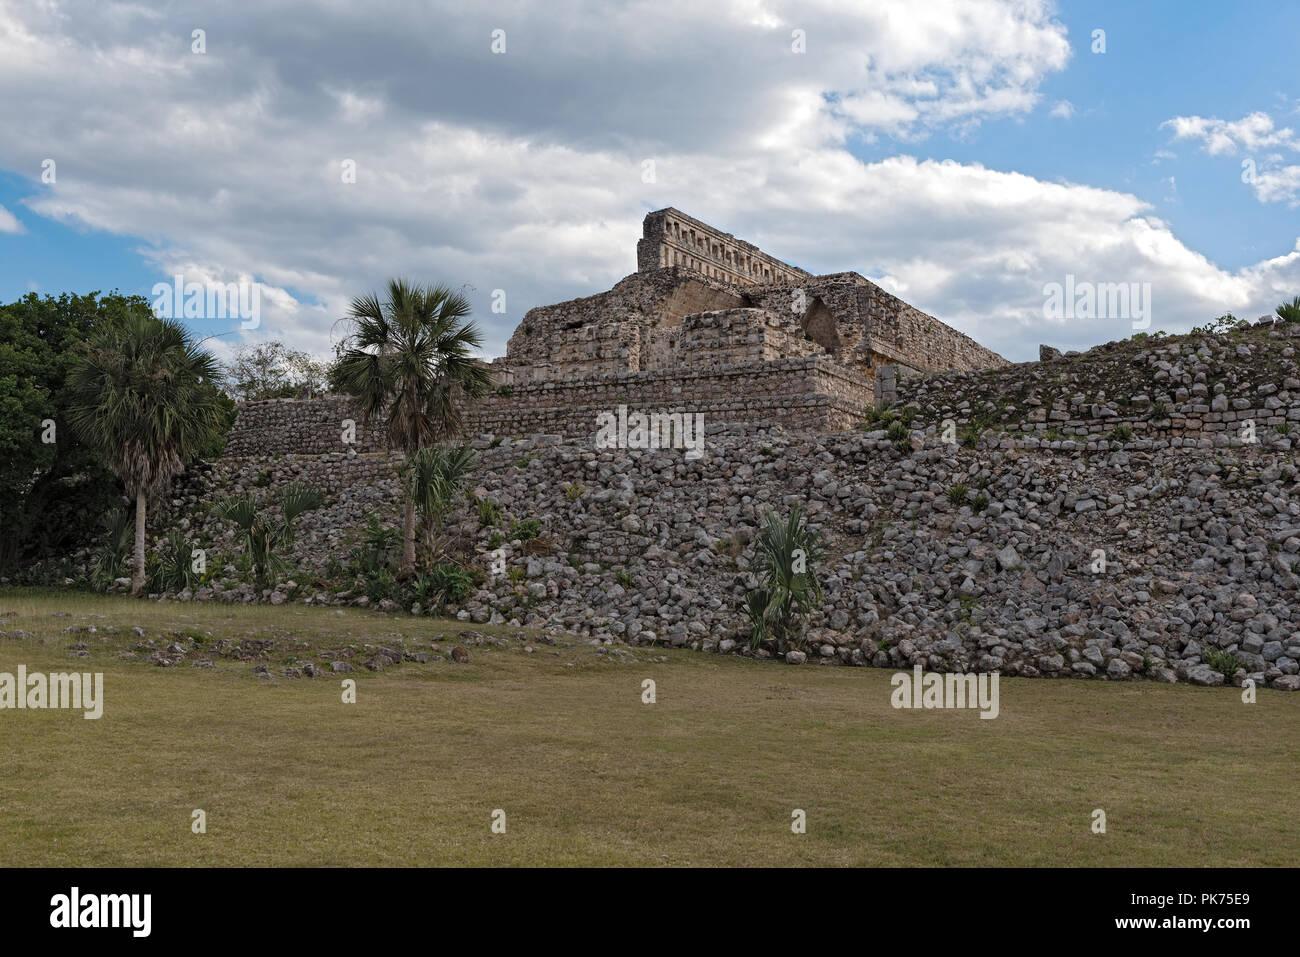 The ruins of the ancient Mayan city of Kabah, Yucatan, Mexico - Stock Image